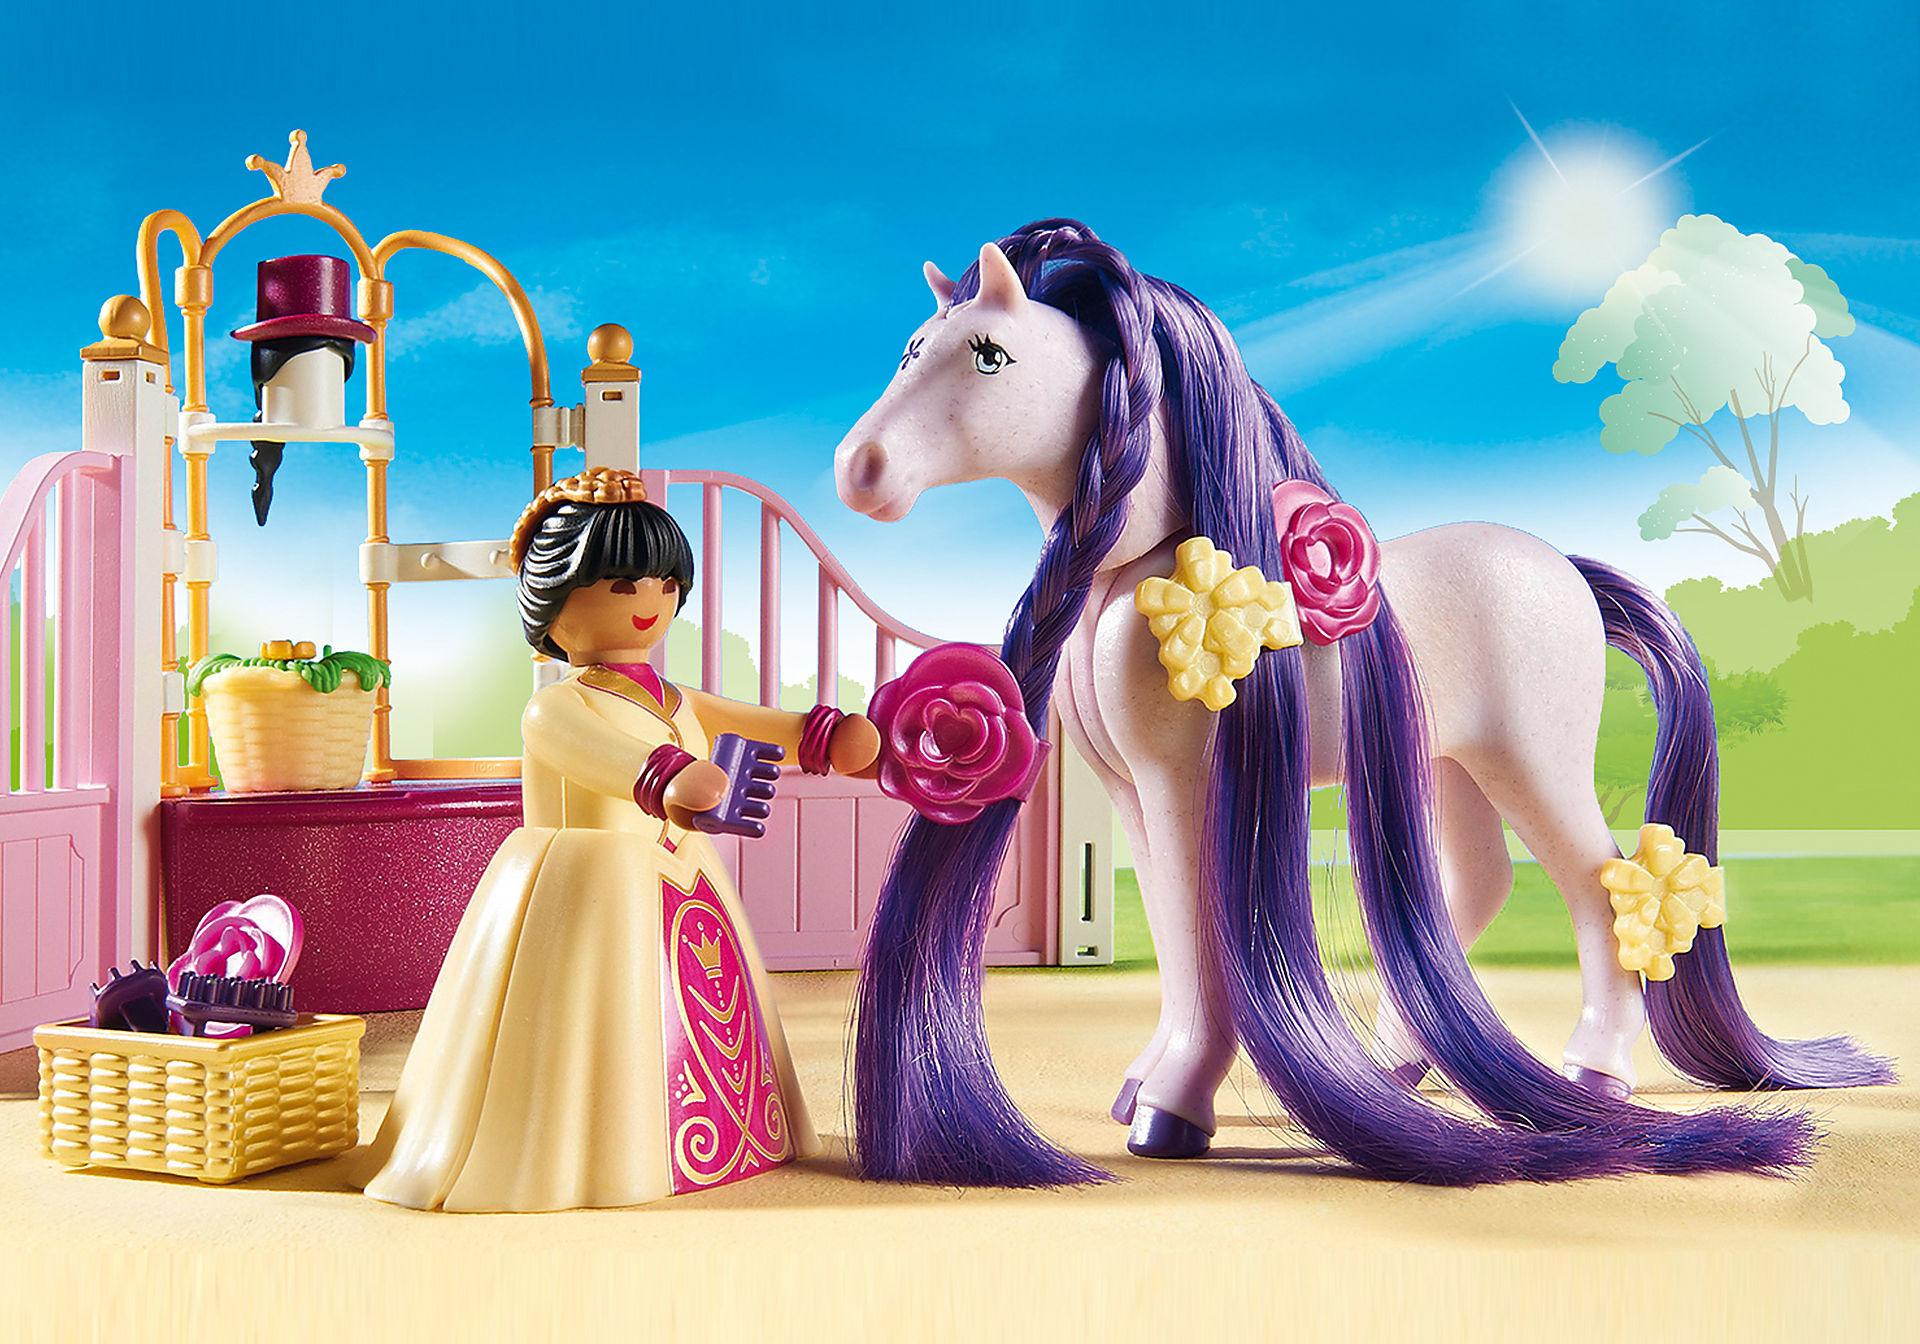 http://media.playmobil.com/i/playmobil/6855_product_extra2/Ecurie avec cheval à coiffer et princesse